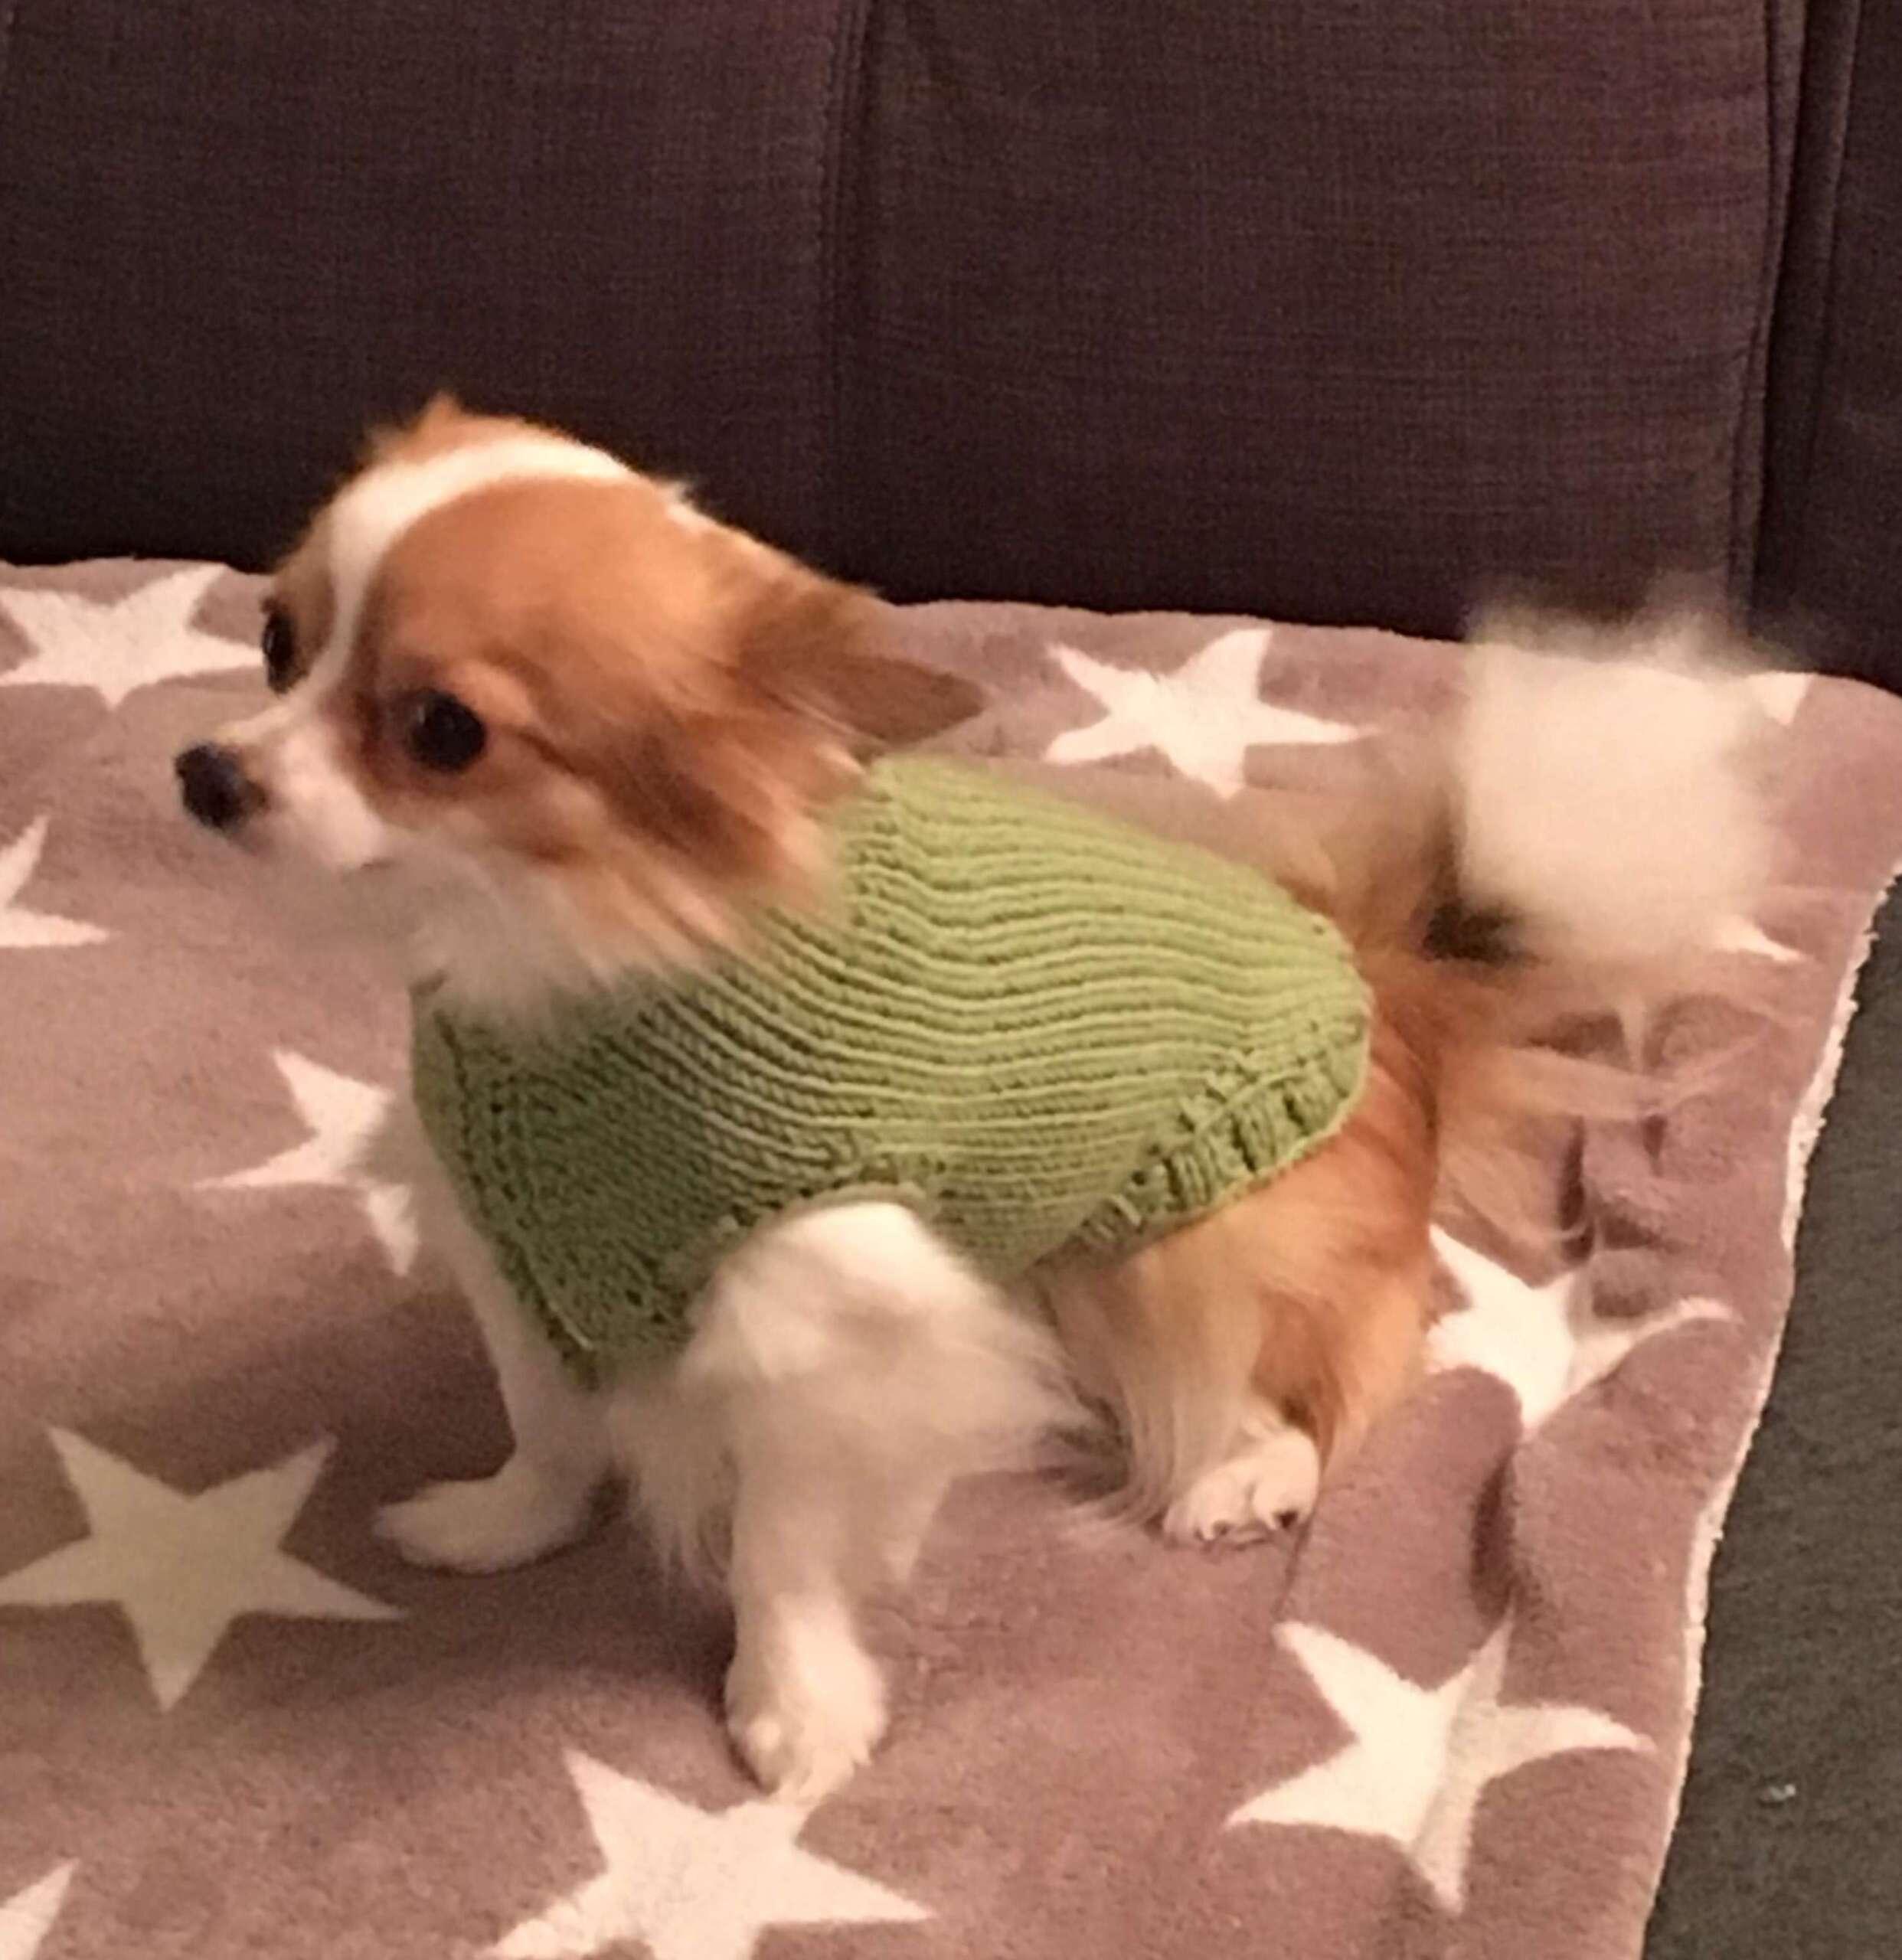 Ein Pullover für den Hund?